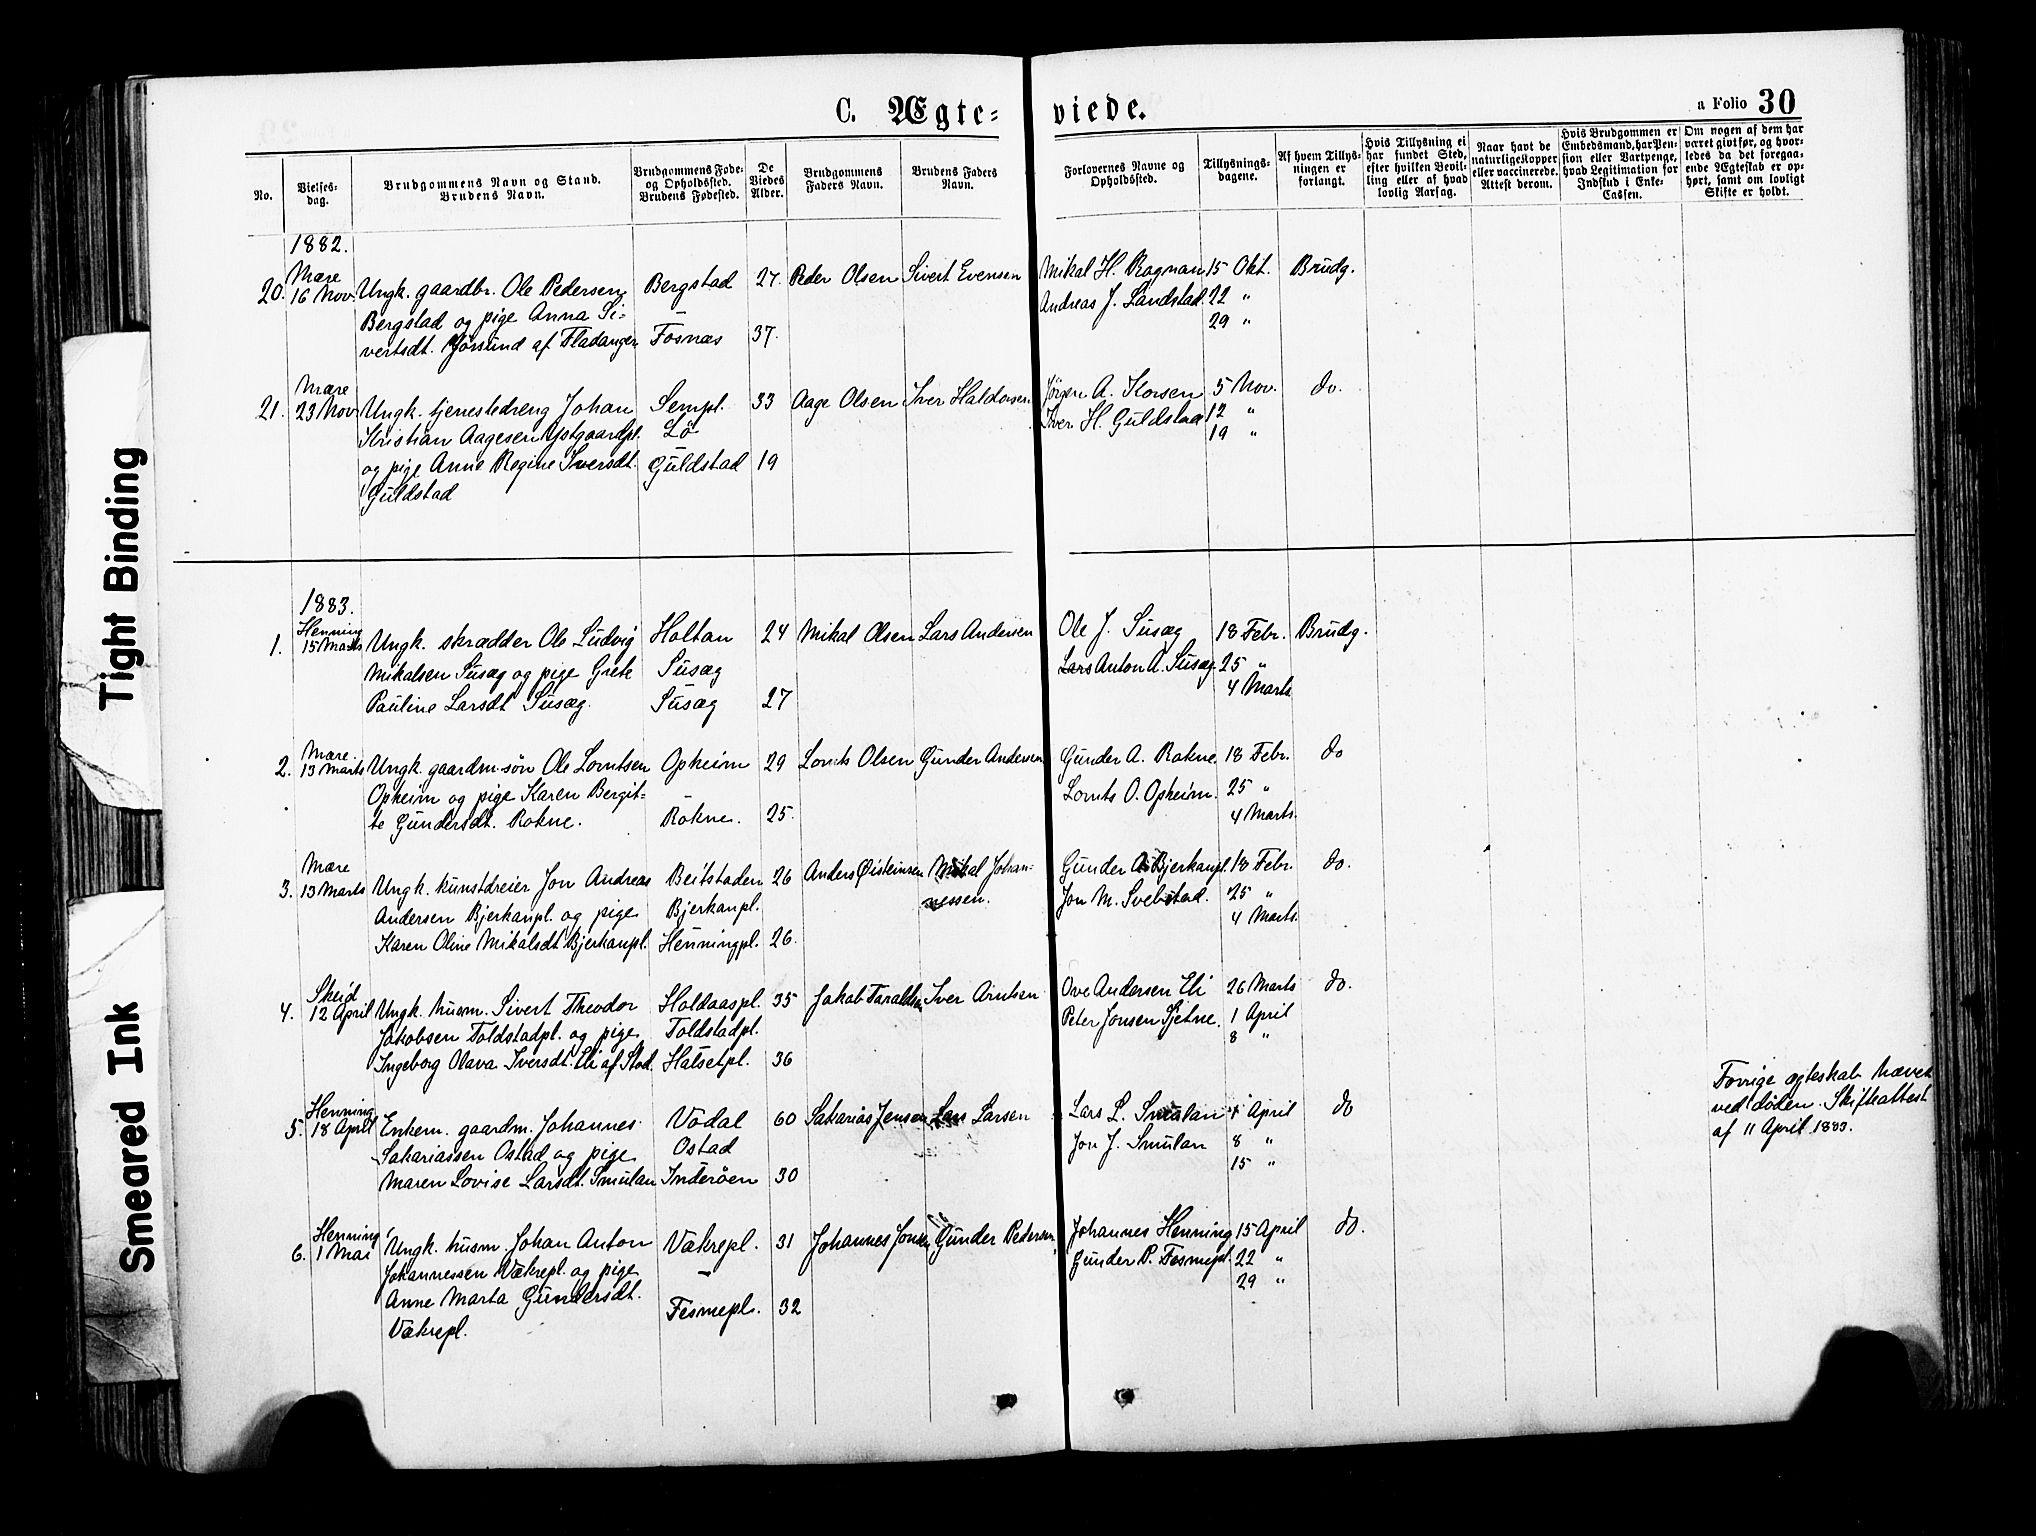 SAT, Ministerialprotokoller, klokkerbøker og fødselsregistre - Nord-Trøndelag, 735/L0348: Ministerialbok nr. 735A09 /1, 1873-1883, s. 30